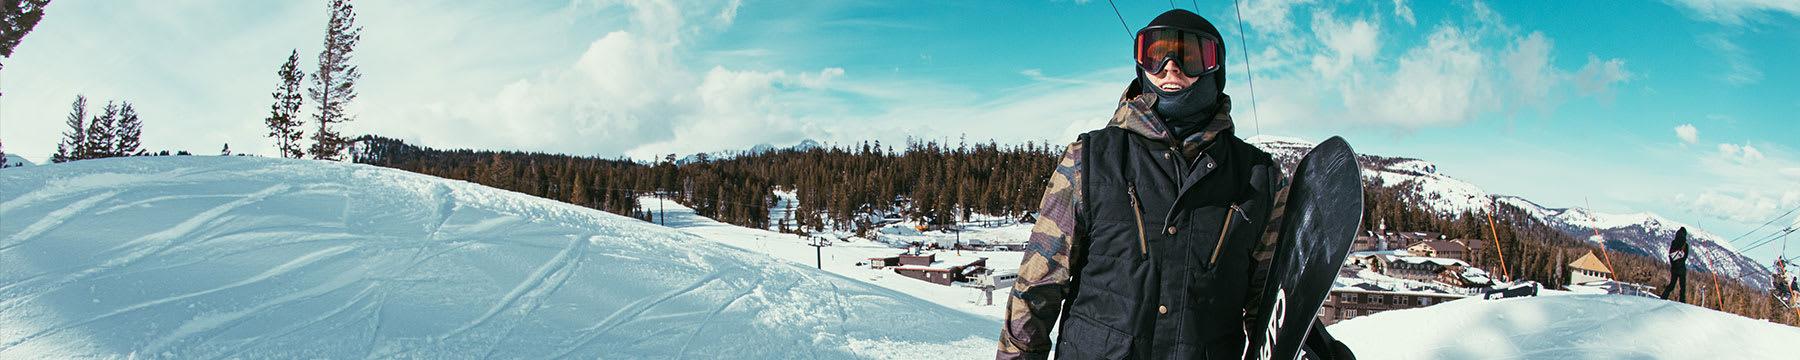 686 Snowboard Clothing, Jackets & Pants